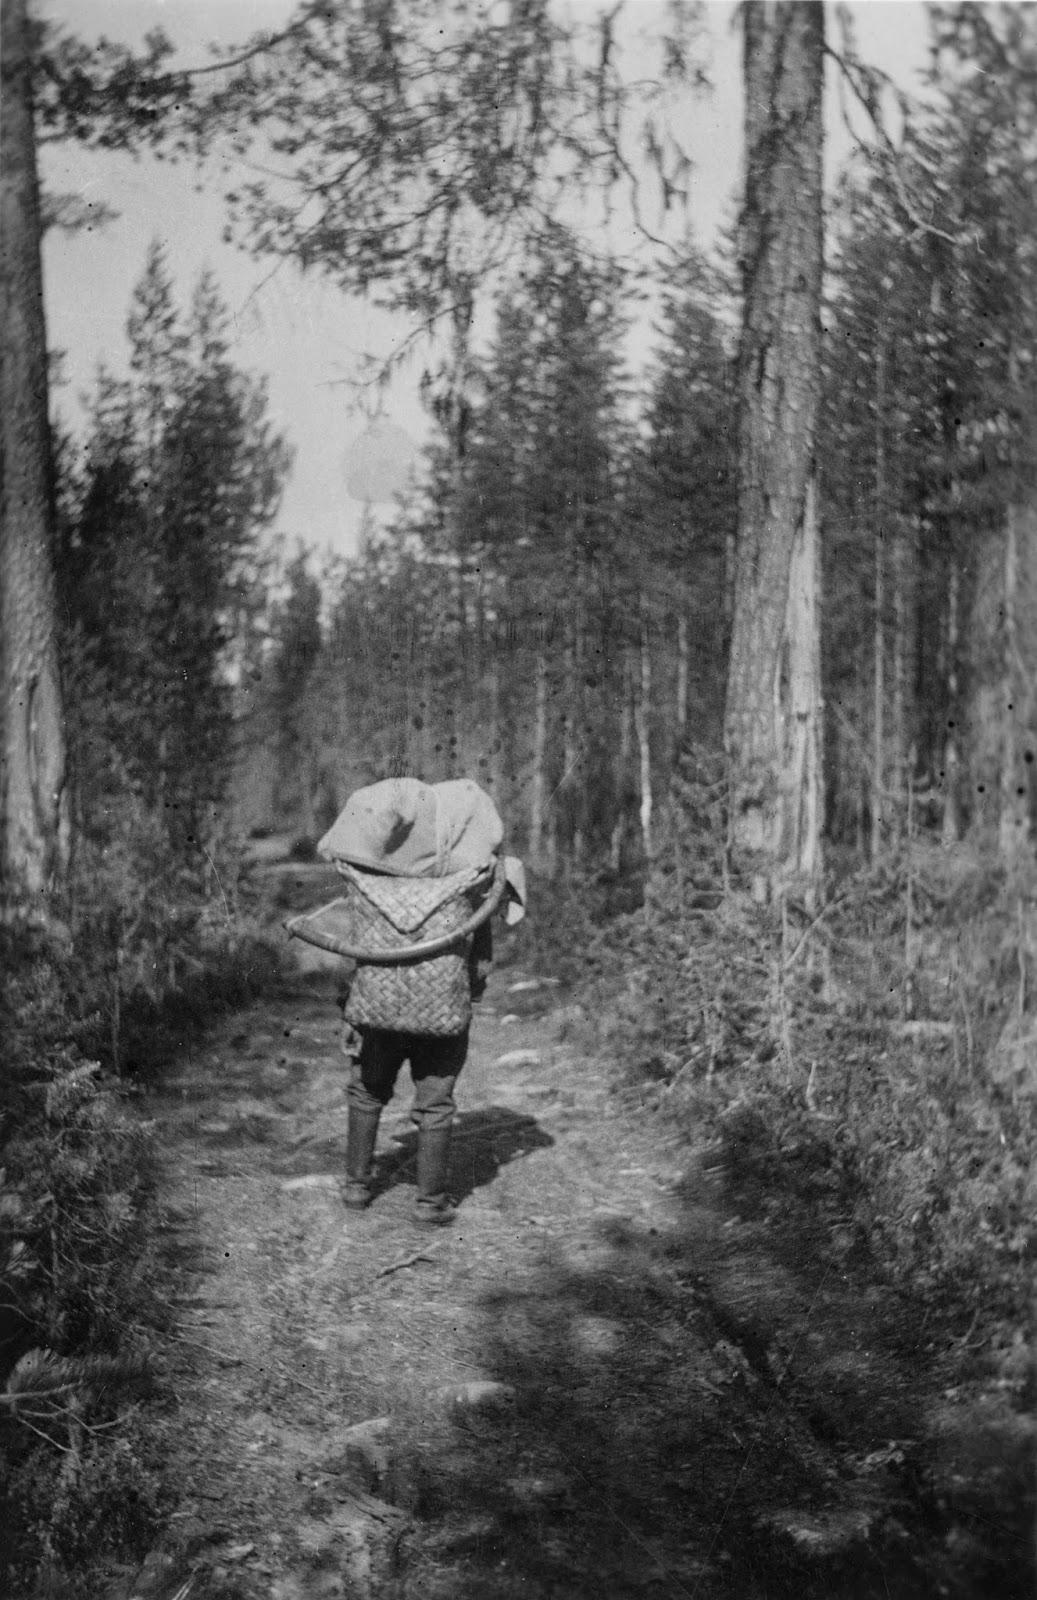 runo metsästäjälle